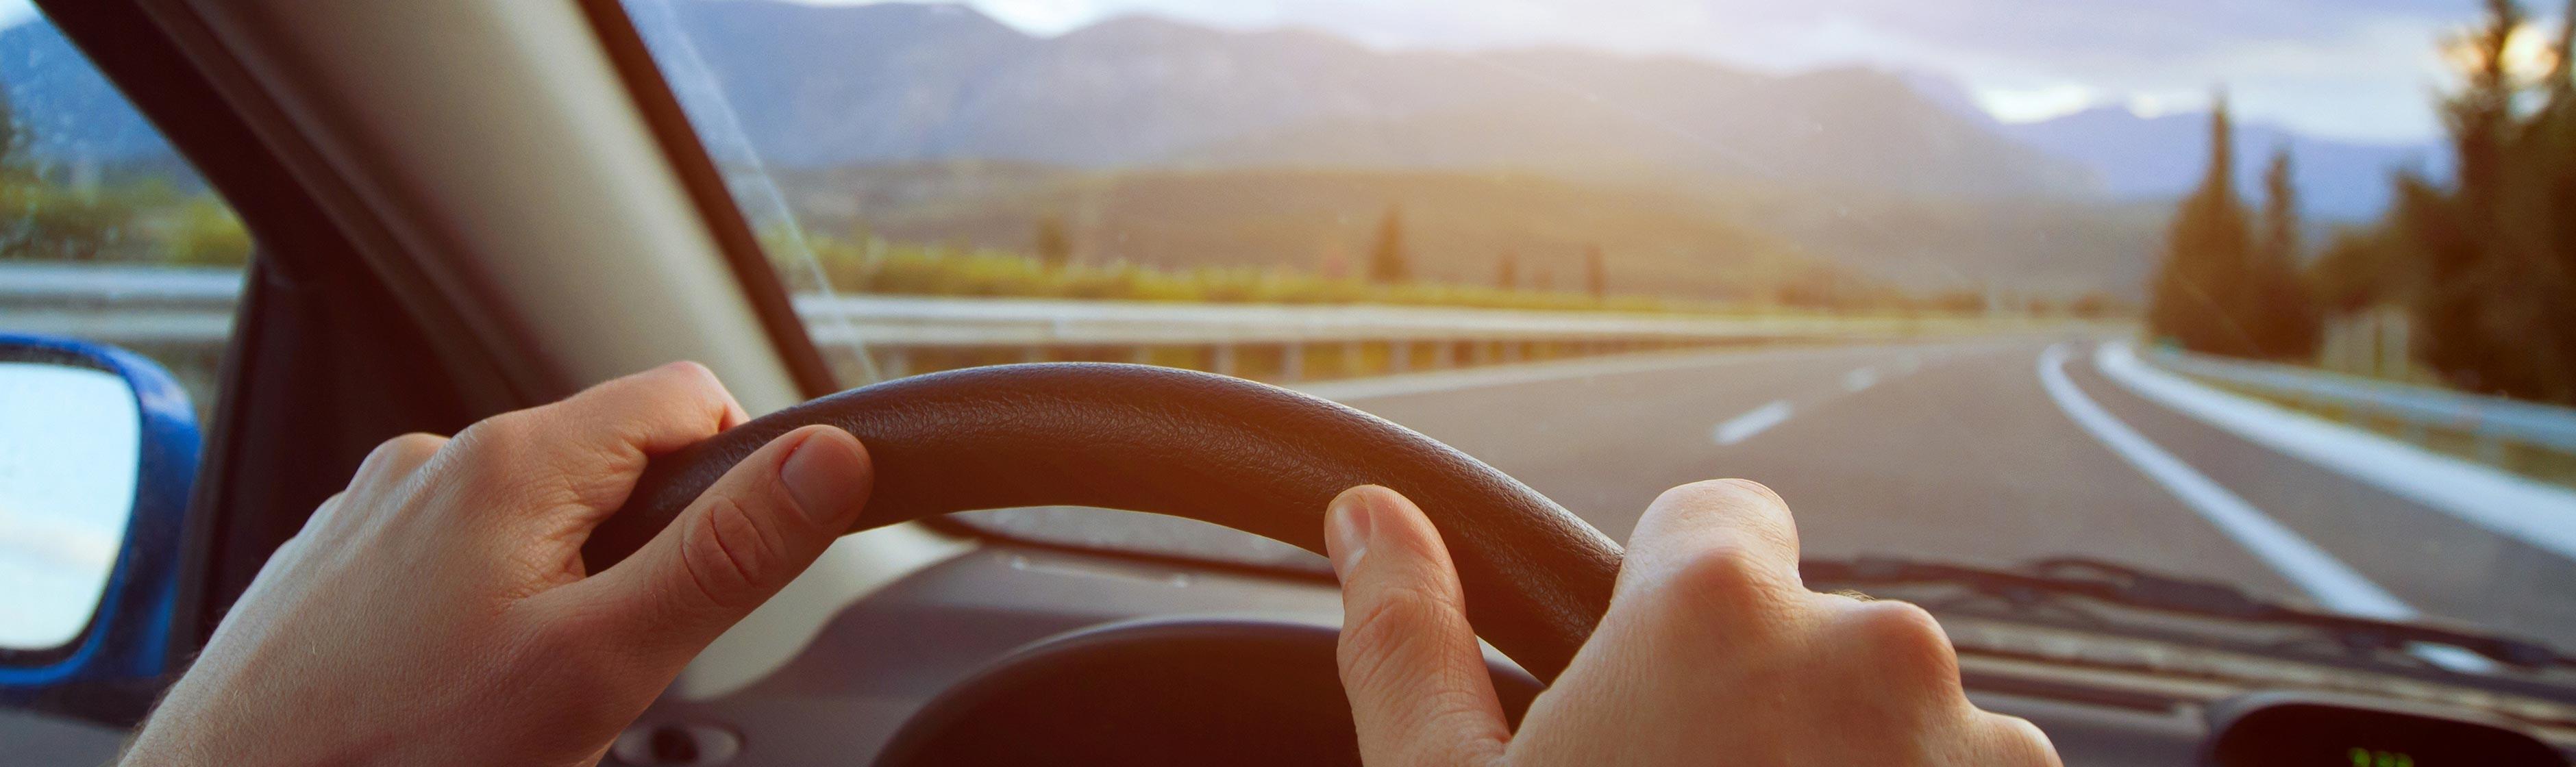 Handen achter het stuur